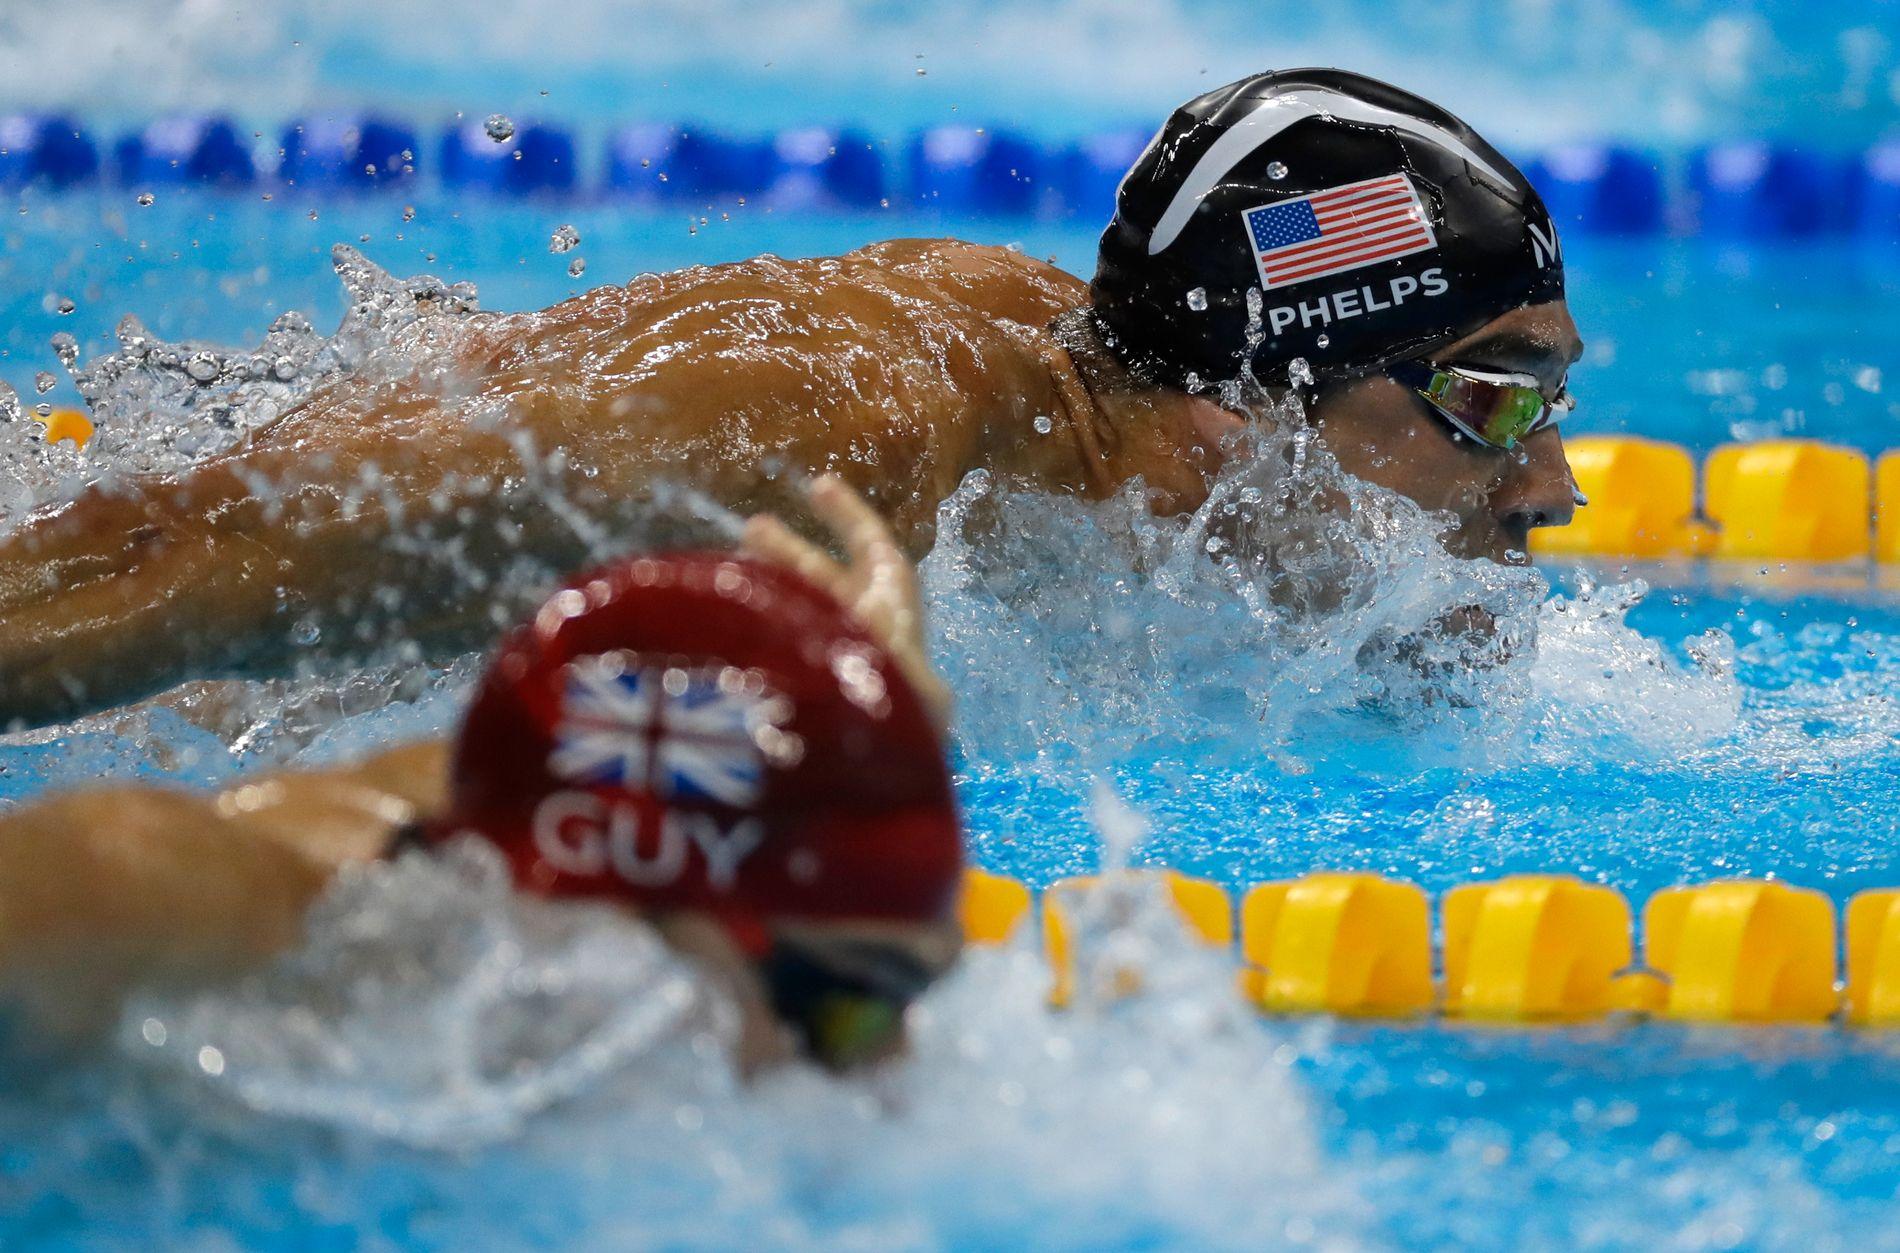 SISTE GANG: Michael Phelps svømte trolig sin siste konkurranse da han hjalp USA til OL-gull på 4x100 meter medley i Rio.